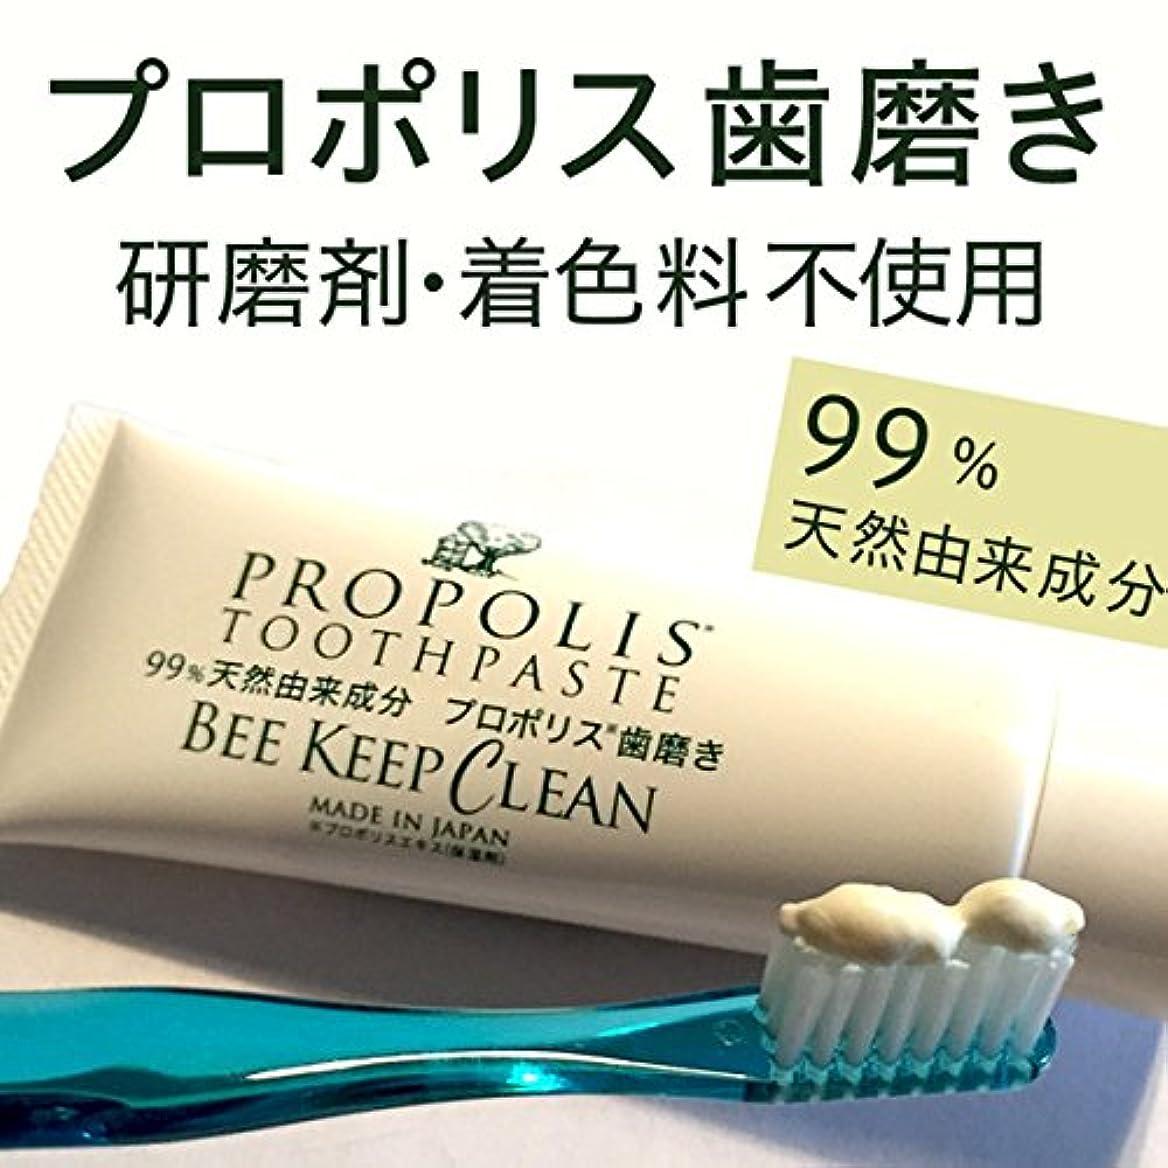 借りる前提ポジティブプロポリス歯磨きビーキープクリーン100g